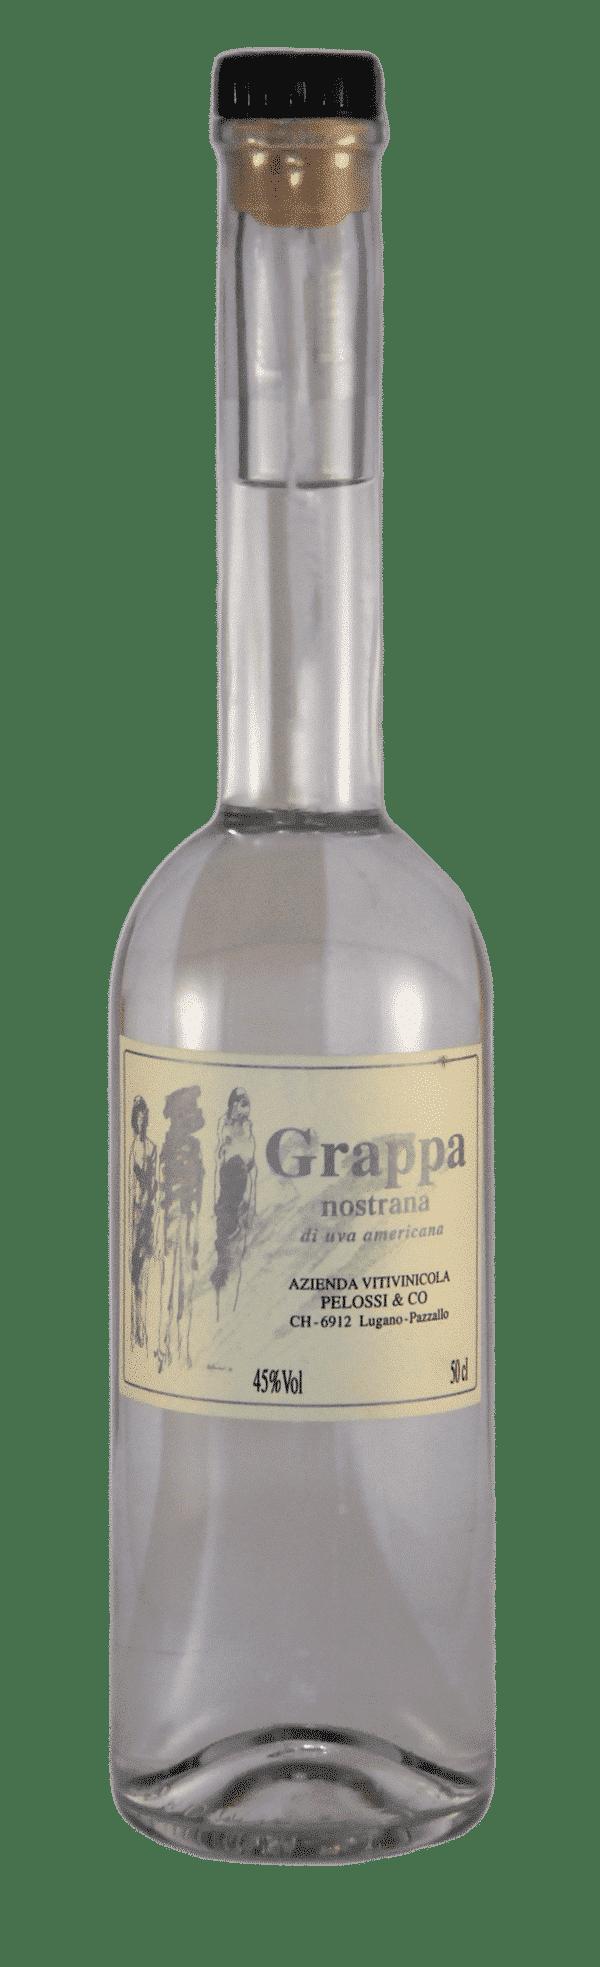 Grappa nostrana di uva Americana